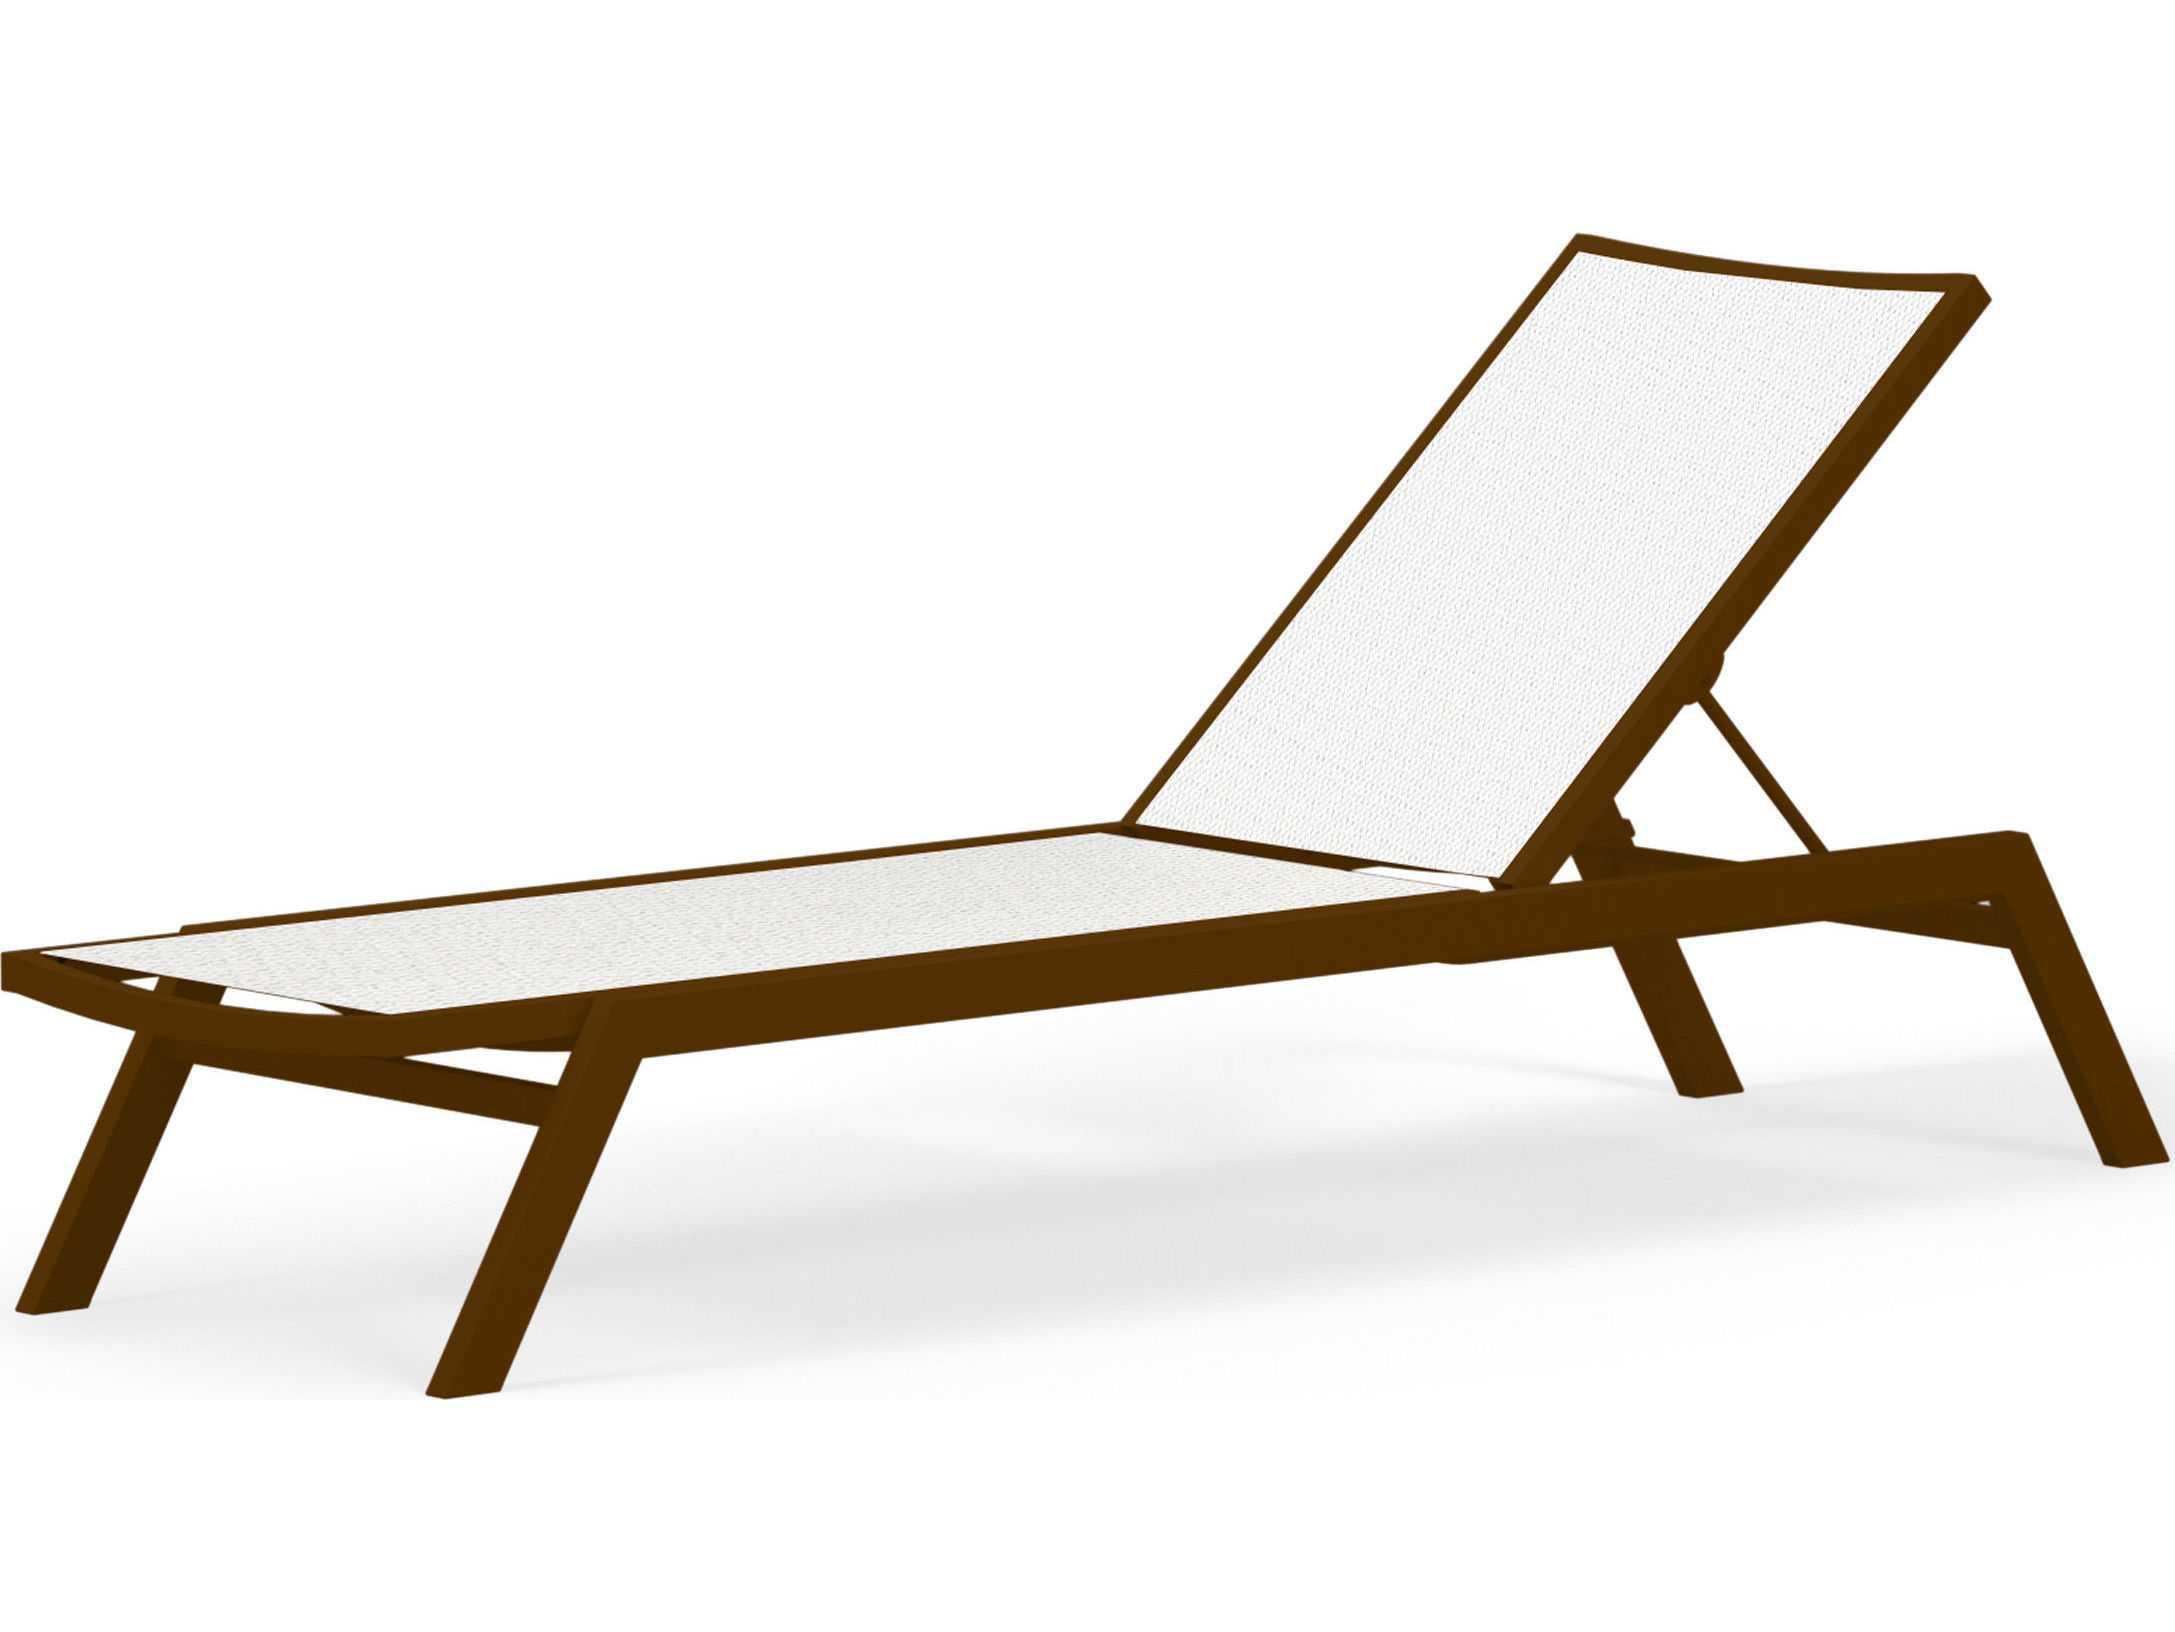 Polywood bayline sling aluminum chaise lounge pwac190 for Aluminum chaise lounges